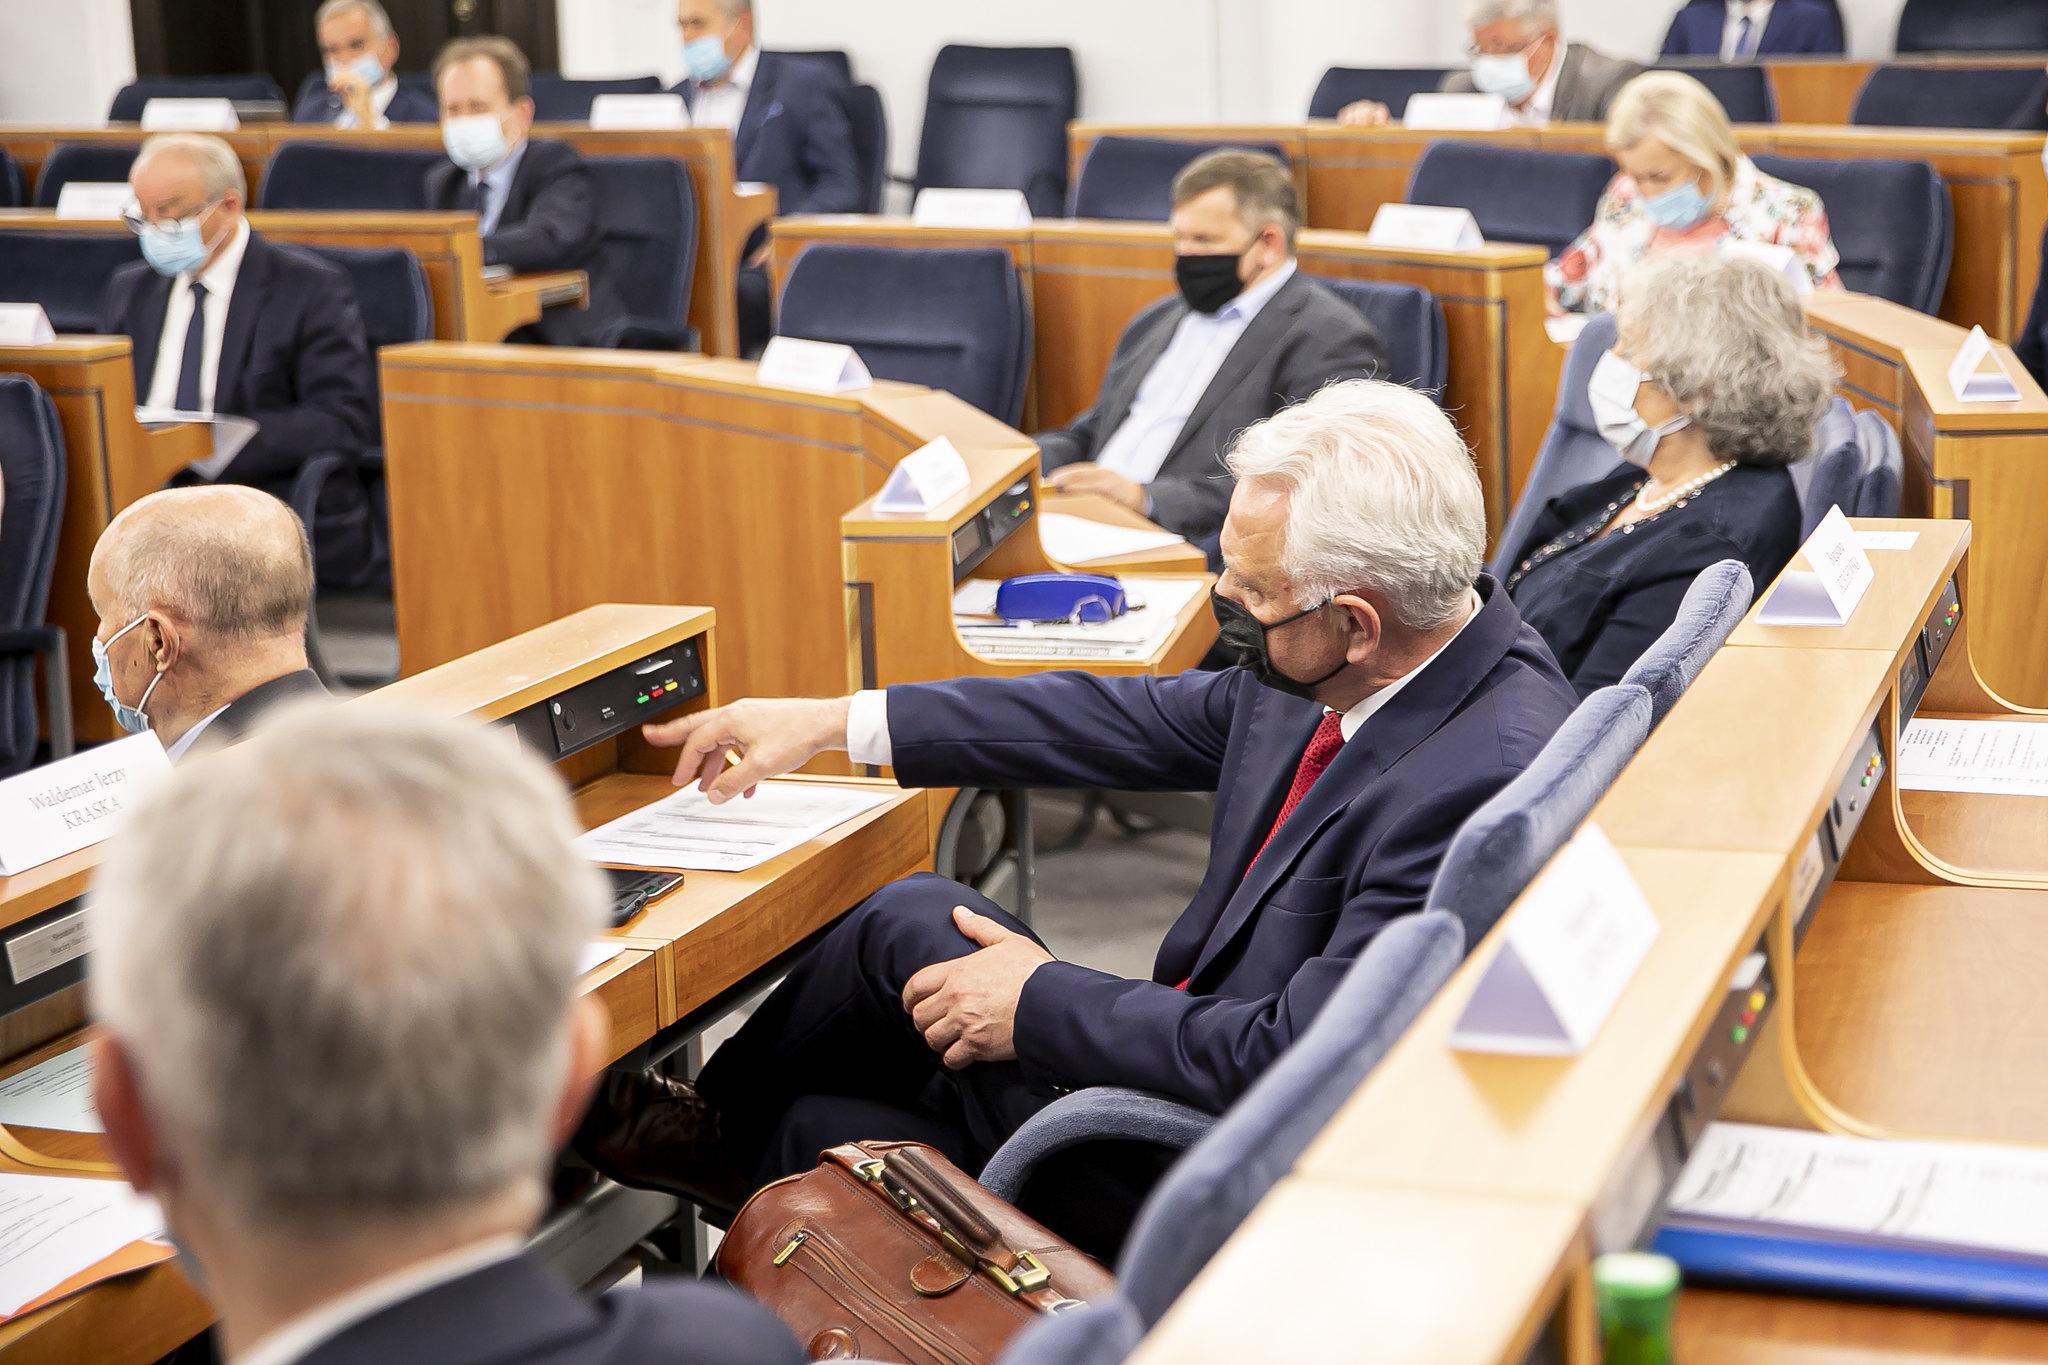 Senat odrzucił nowelizację dającą szefowi MEiN prawo ustanawiania programów